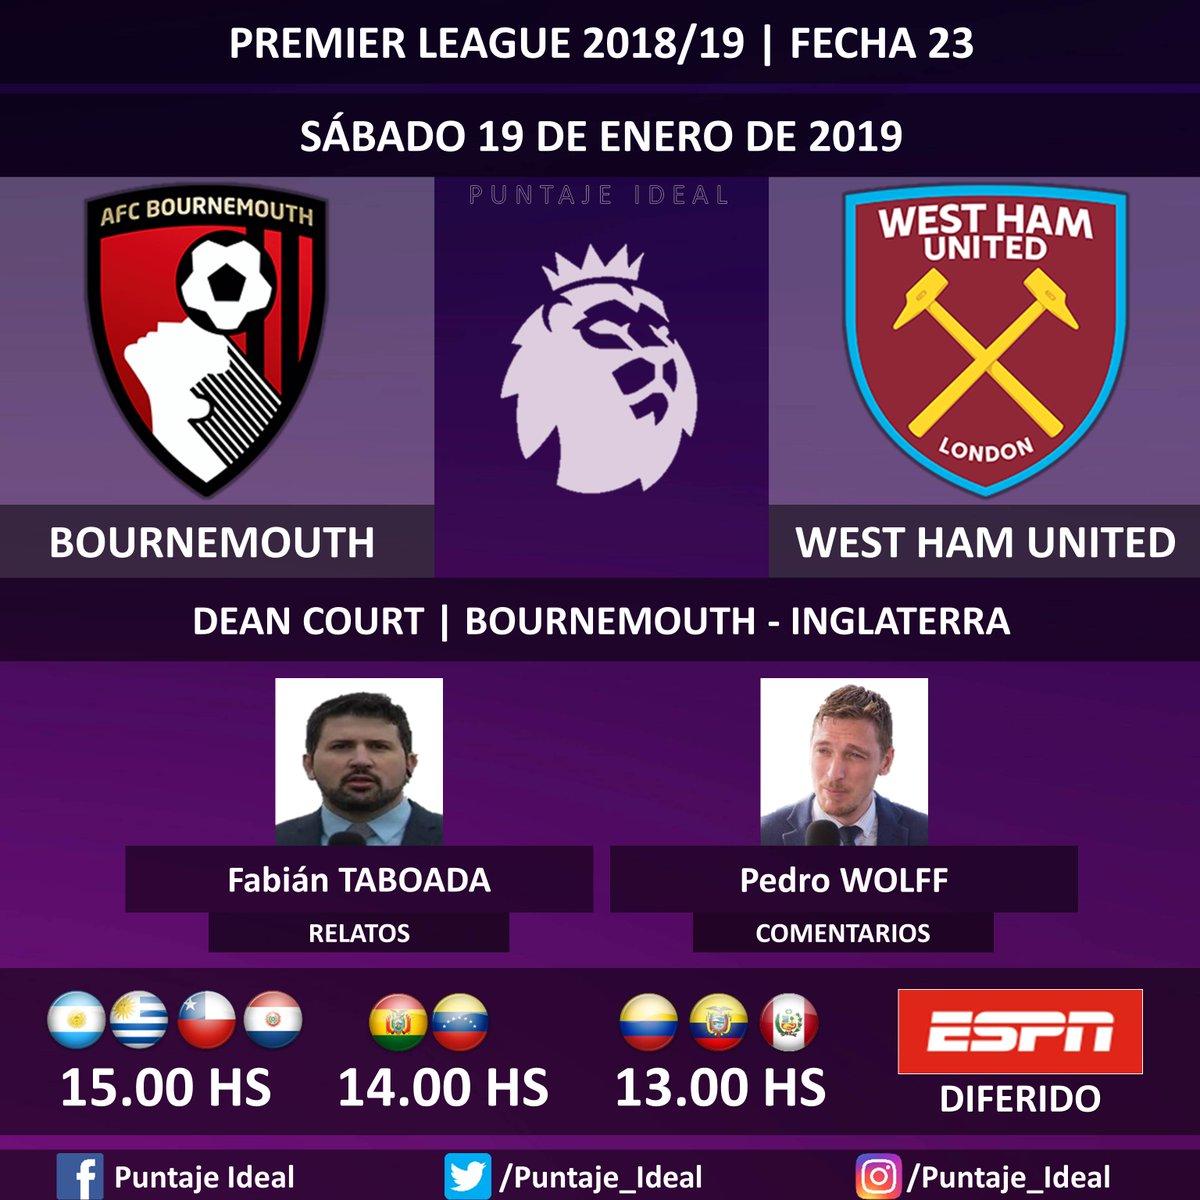 ⚽ #PREMIERxESPN   #Bournemouth vs. #WestHamUnited  🎙 Relatos: @FabiTaboadaok  🎙 Comentarios: @WolffPedro  📺 #ESPN Sudamérica -DIFERIDO- 🤳 #ESPNesHD - #PremierLeague 🏴 - #BOUWHU  Dale RT 🔃